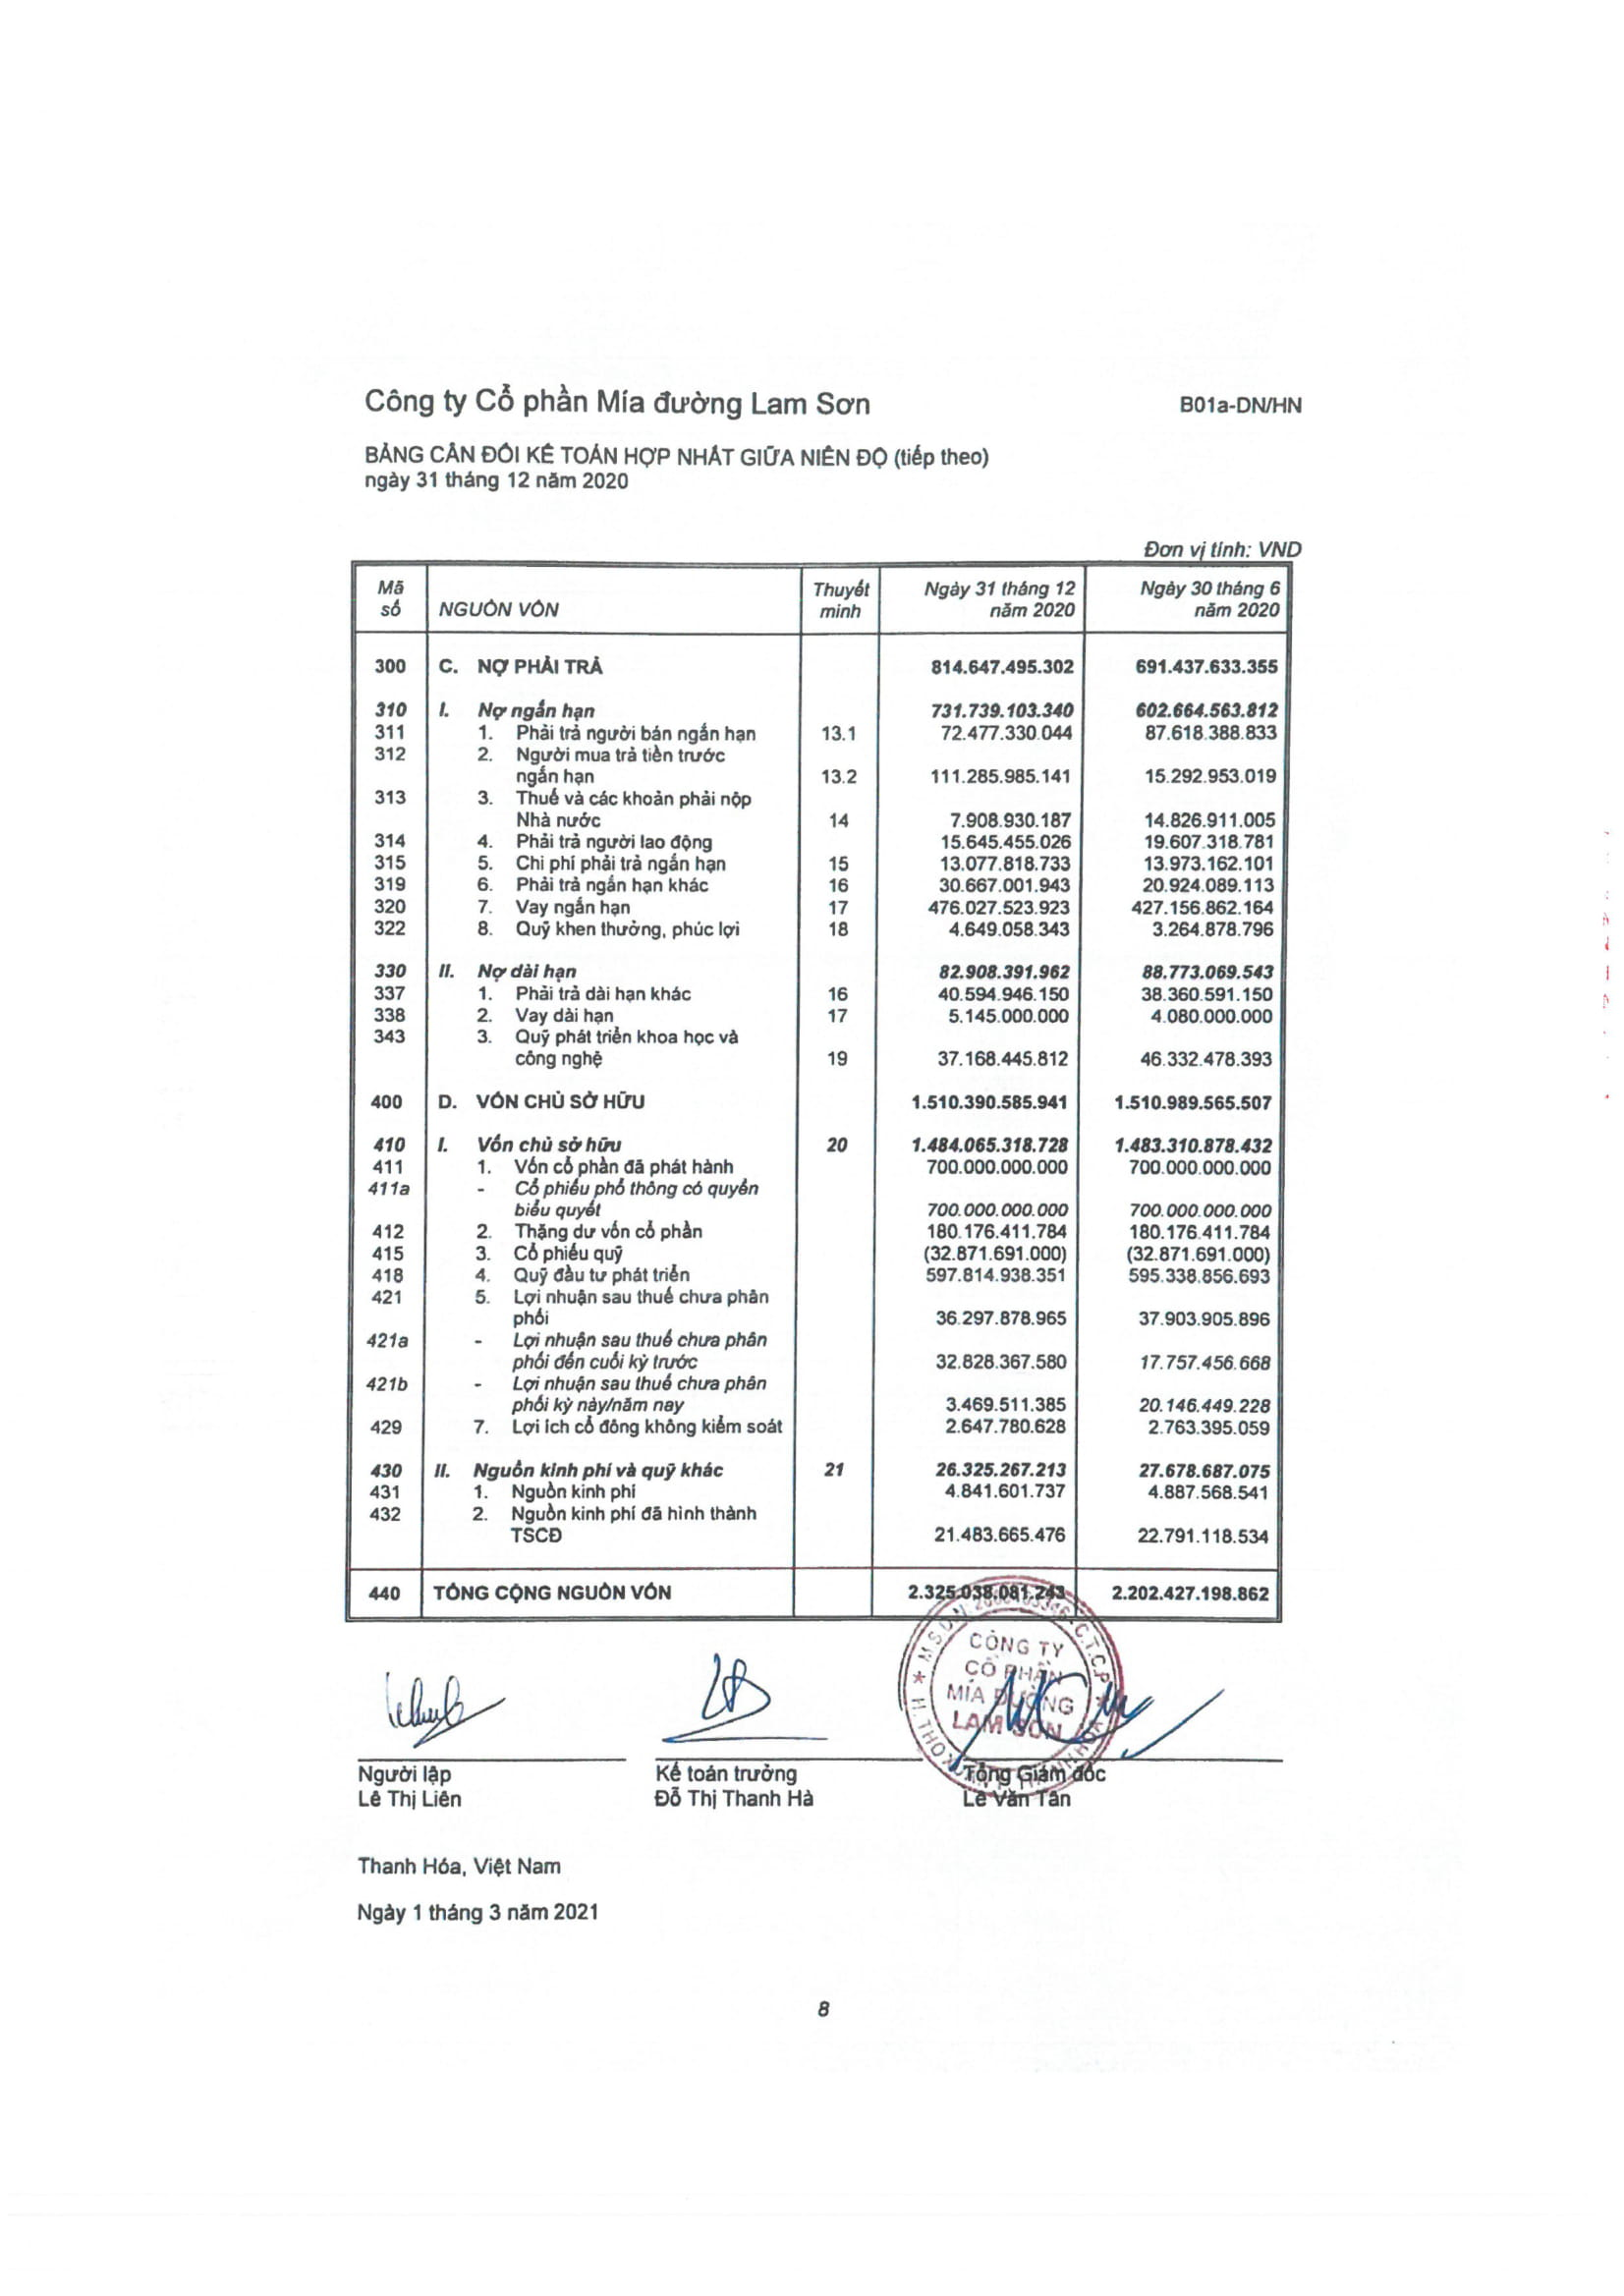 BCTC hợp nhất 31.12.2020-10